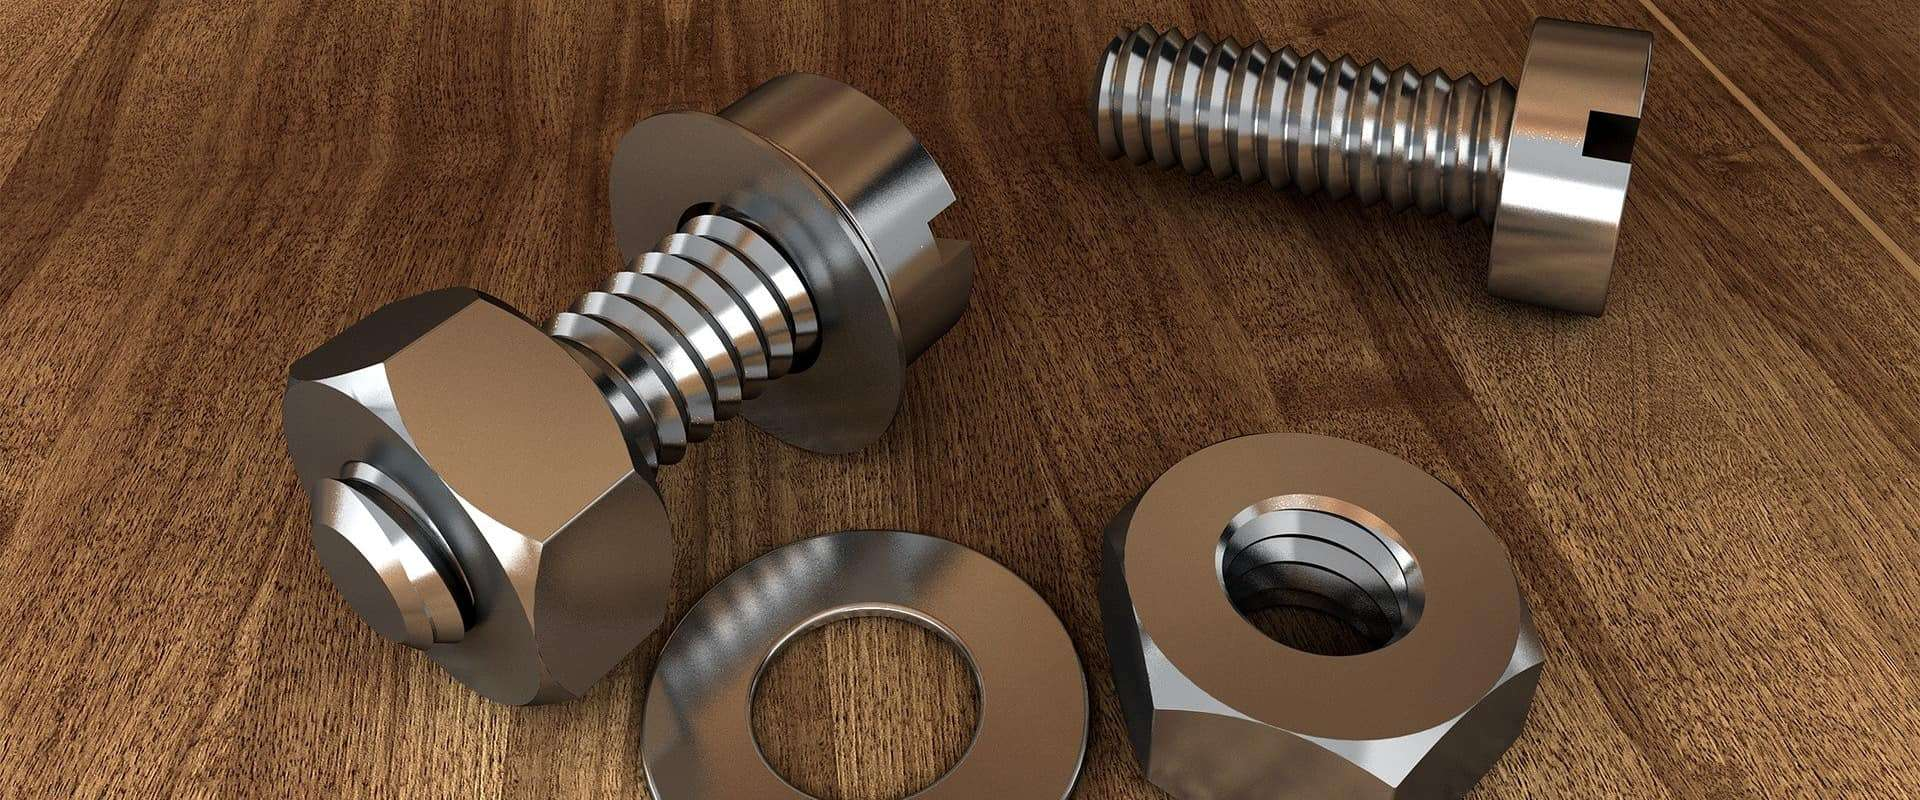 Produktionsaufträge und Kundenaufträge digital kommissionieren